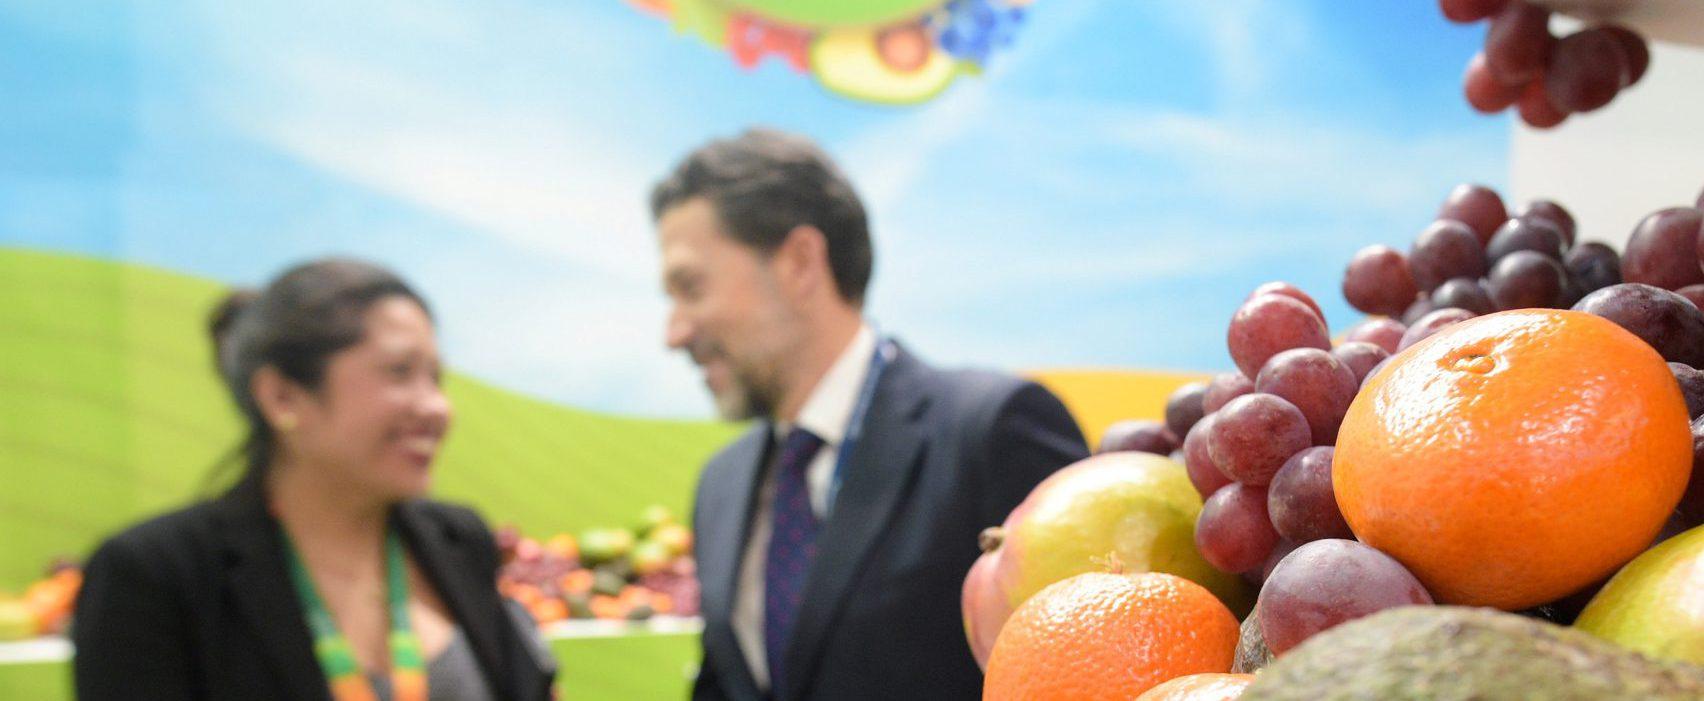 Branding voor associaties: foto van 2 medewerkers van Fruit associatie in zonnige en landelijke omgeving met fruit op de voorgrond.